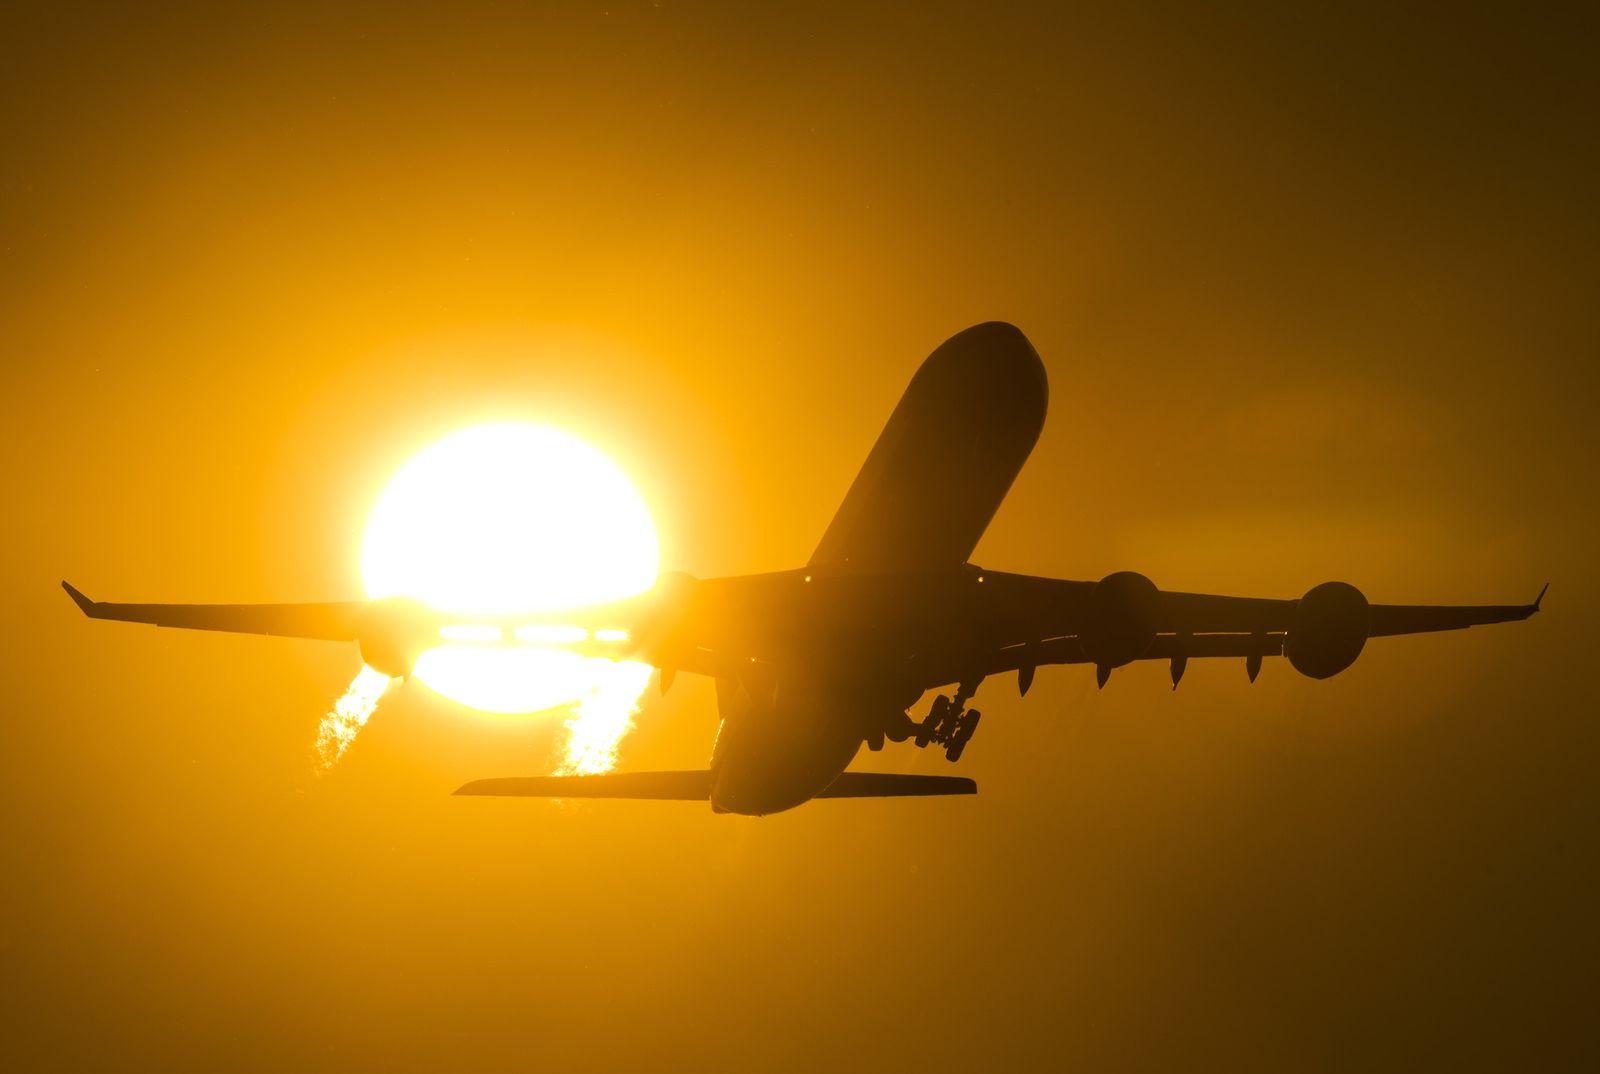 Flug / Sicherheit